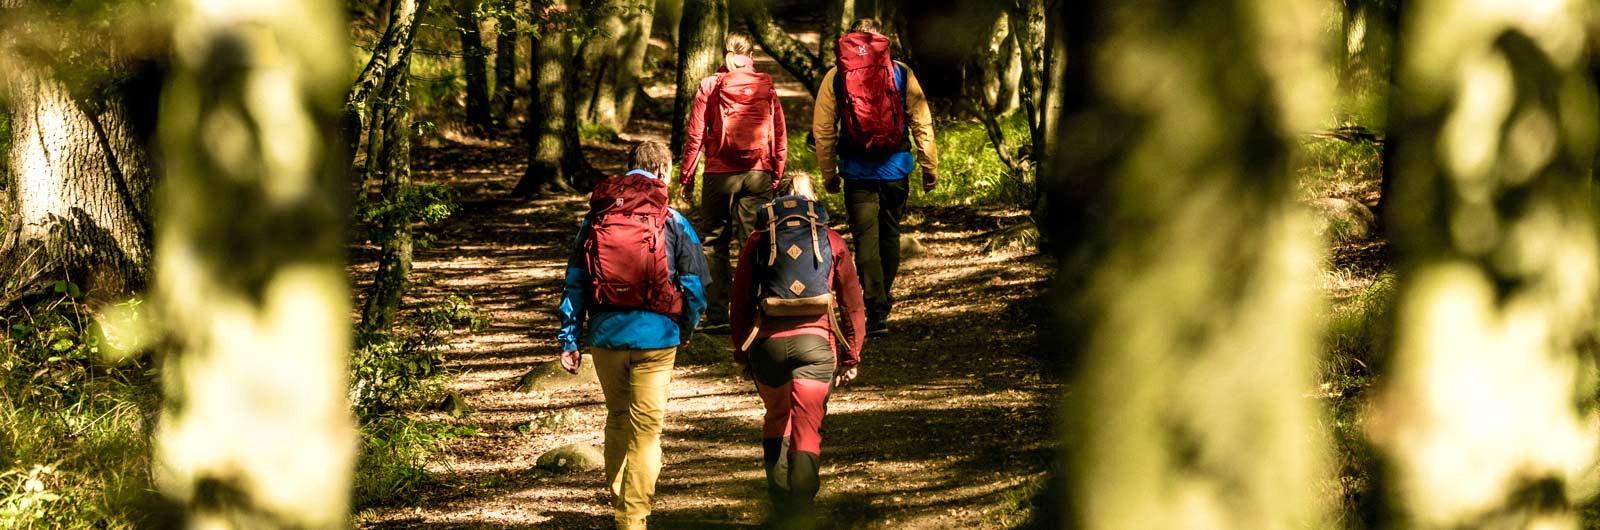 Färgglada vandrare på stig i skogen